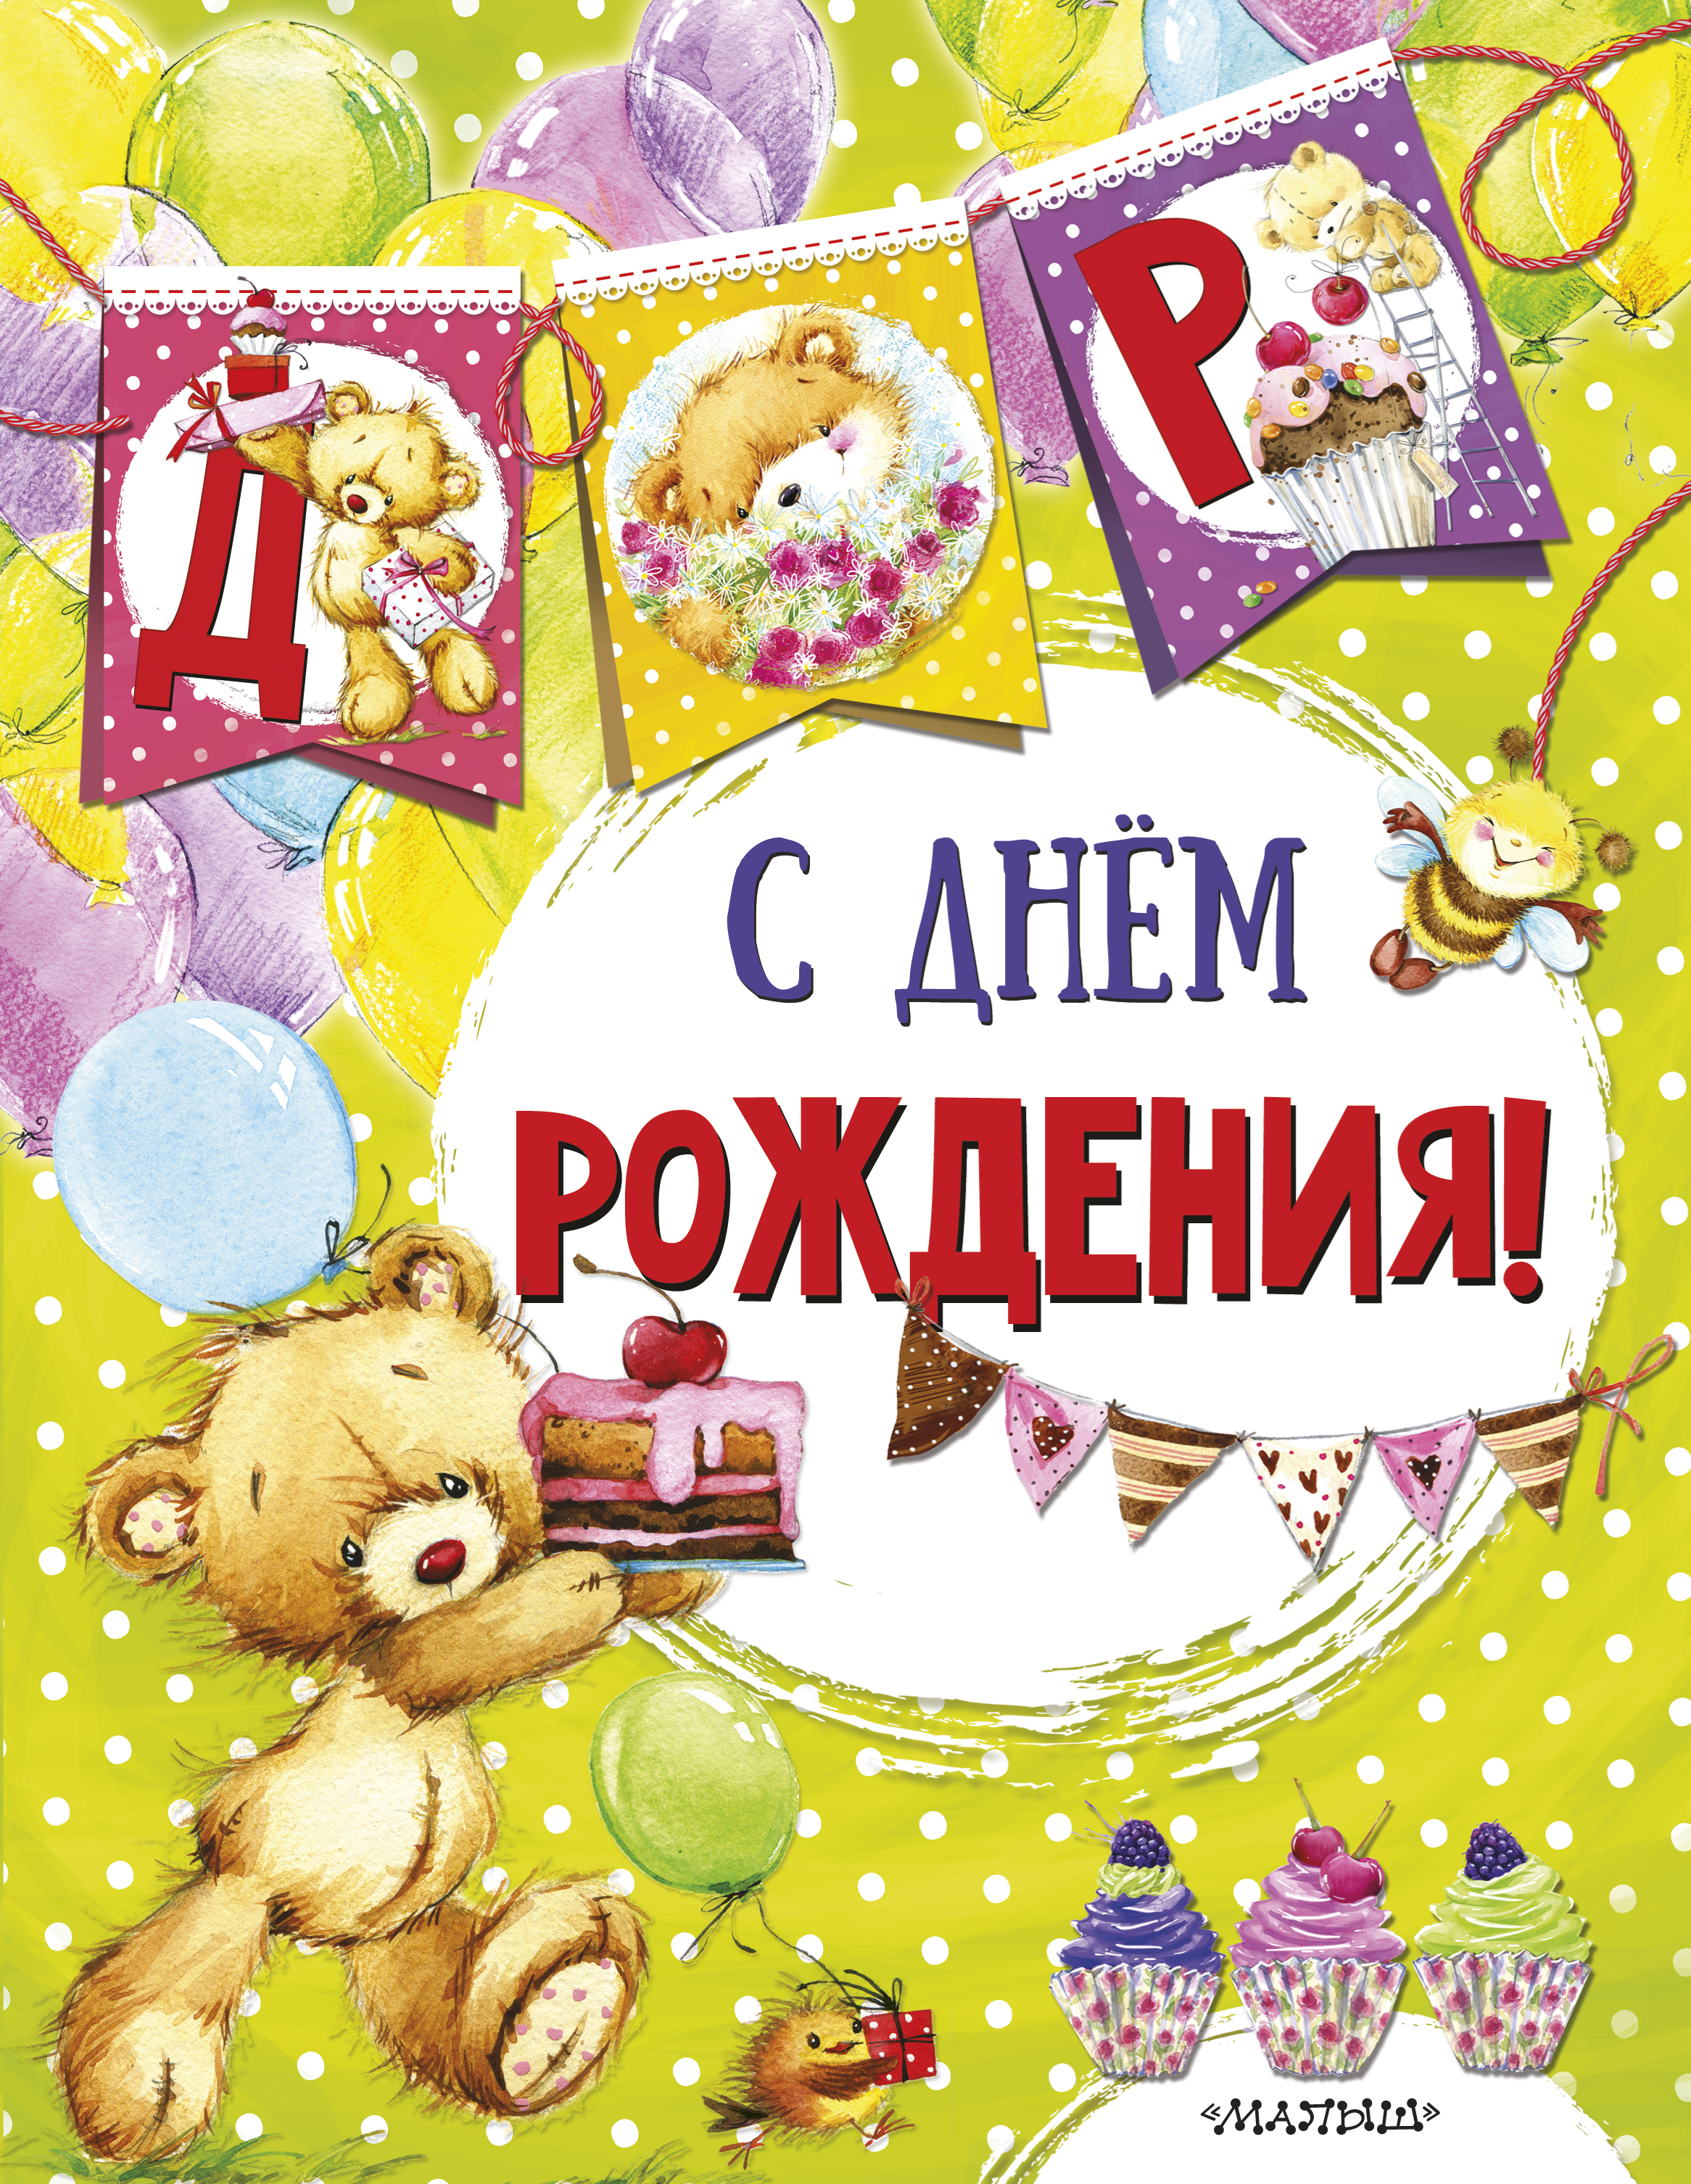 Прикольные картинки детей с днем рождения, для васильевны